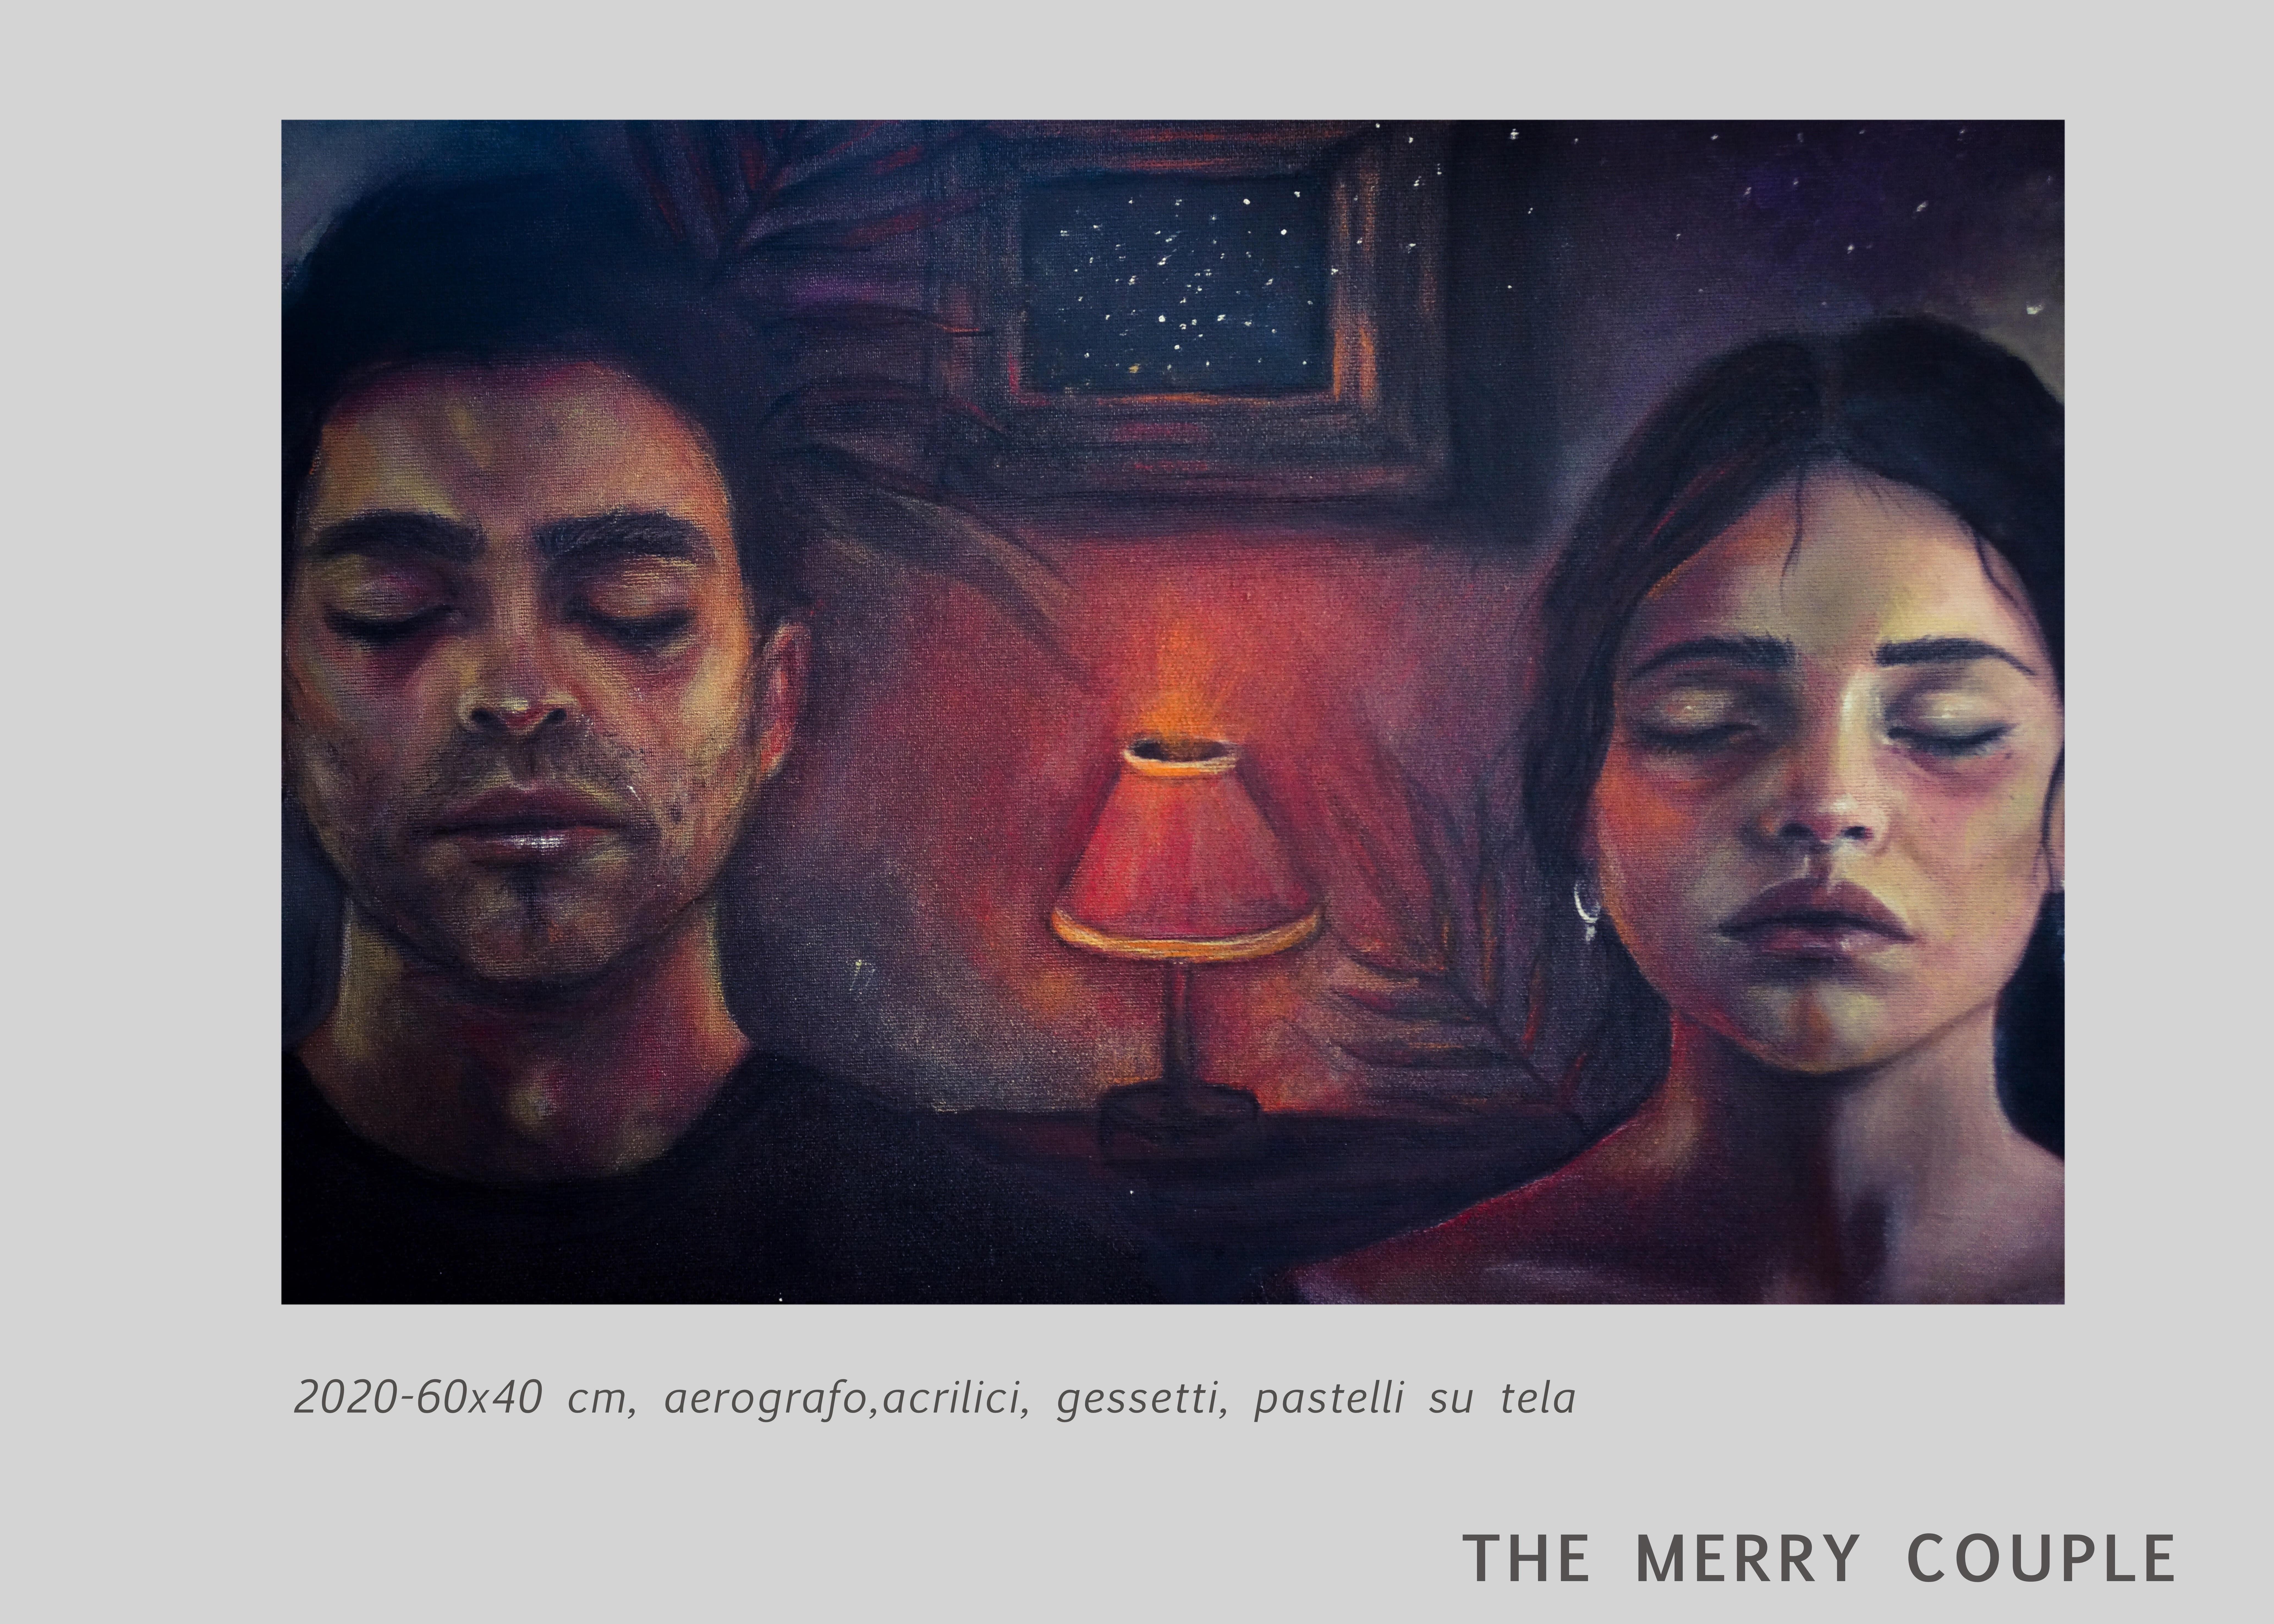 THE MERRY COUPLE-CHIARA LUISE